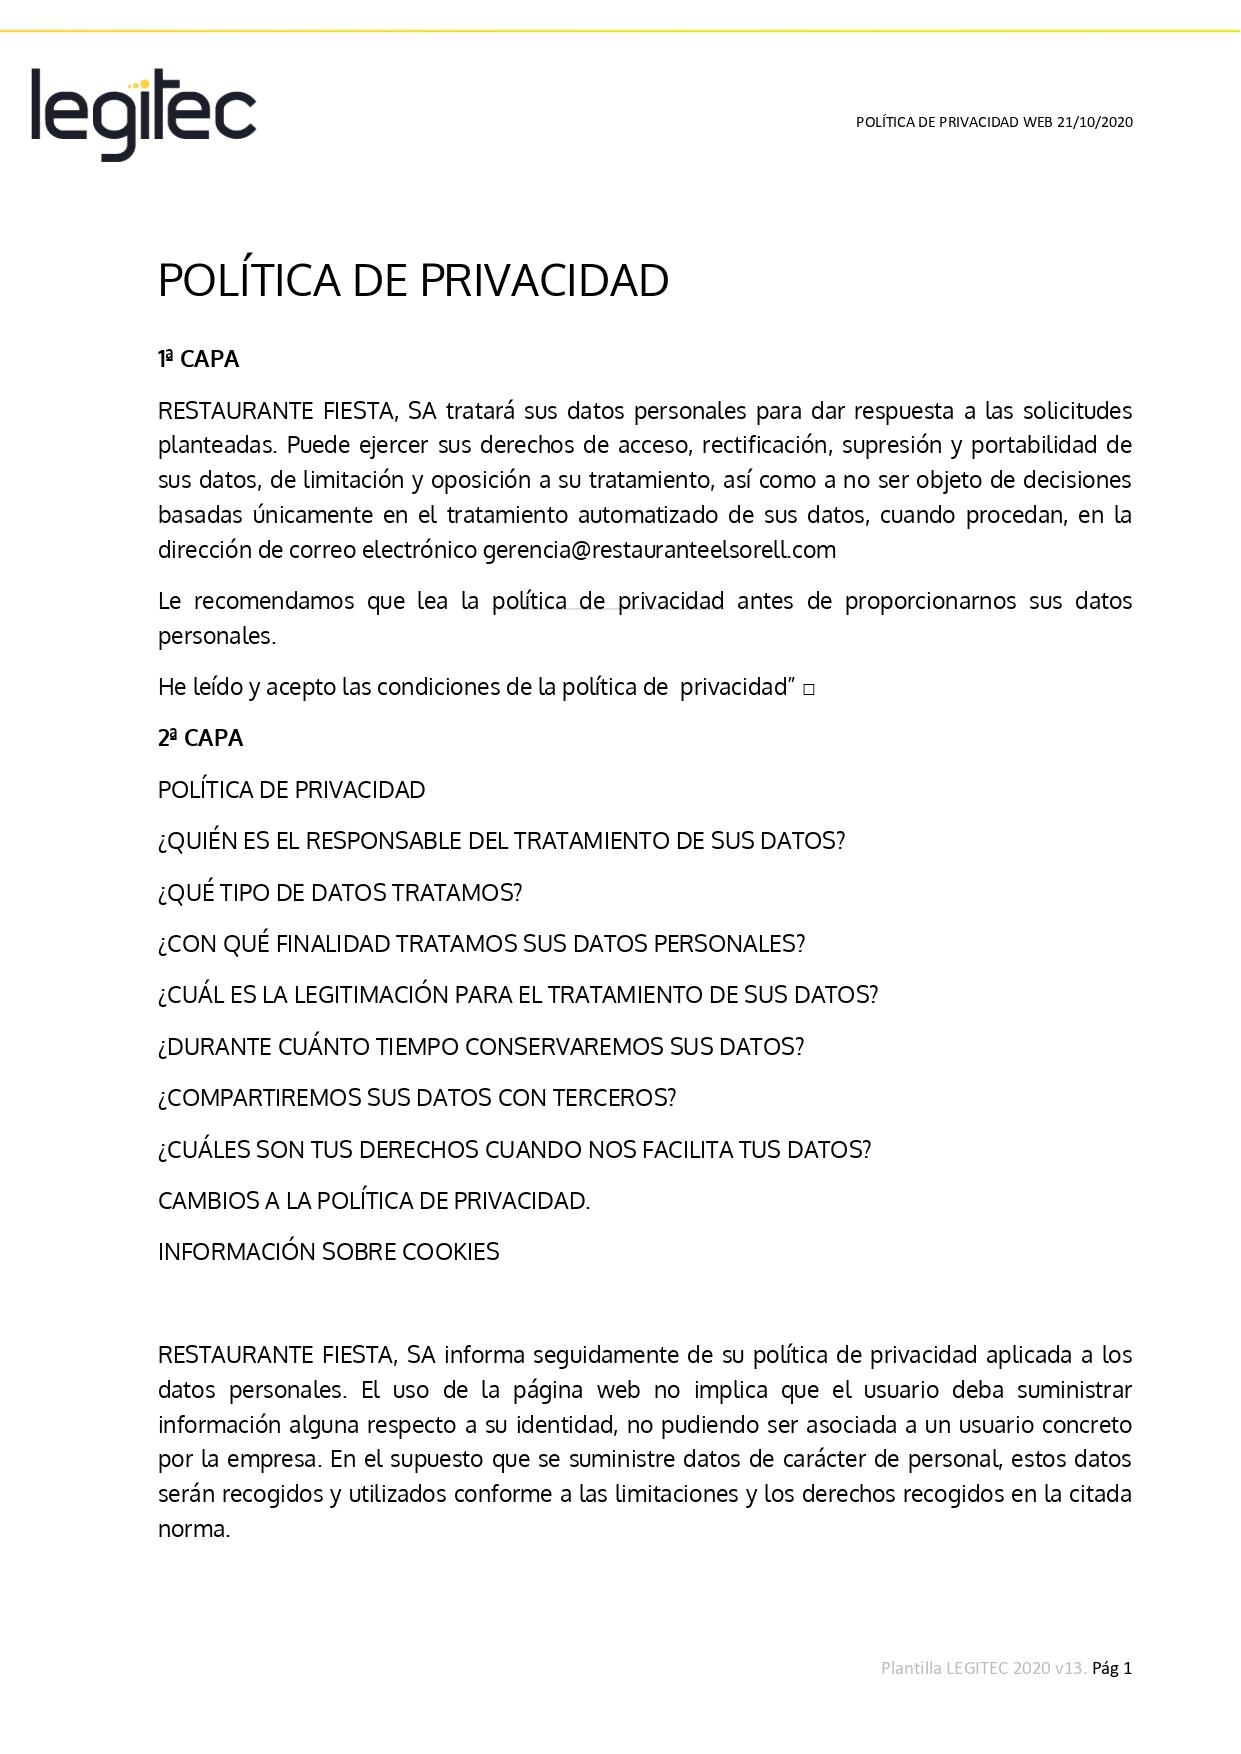 WEB-POLÍTICA-DE-PRIVACIDAD-_page-0001